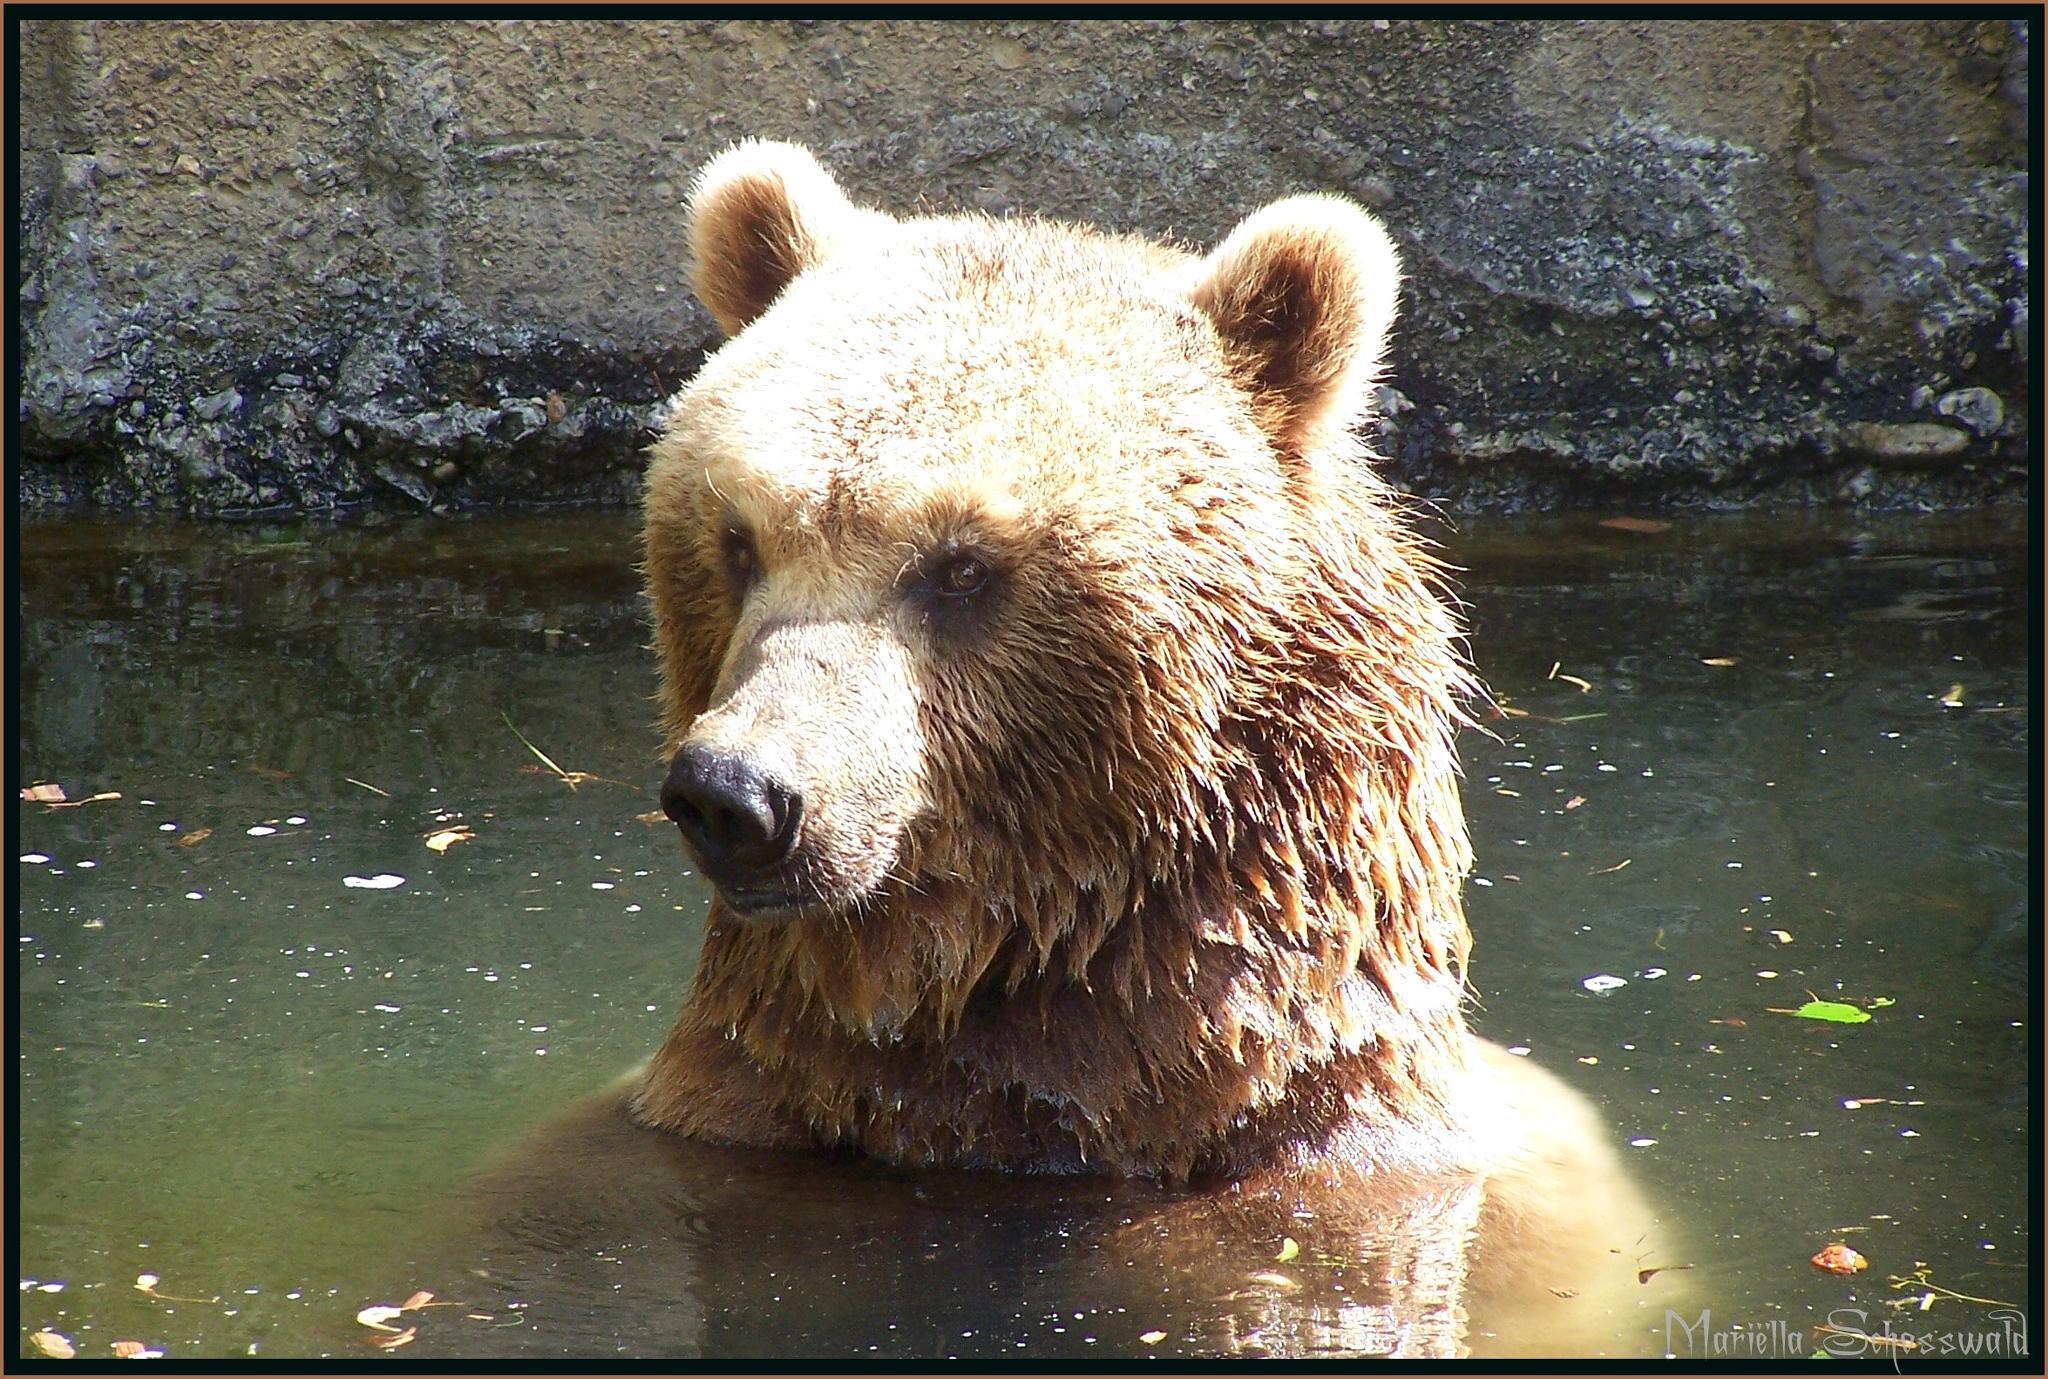 bear taking a bath by Mariëlla van der Lans-Schosswald